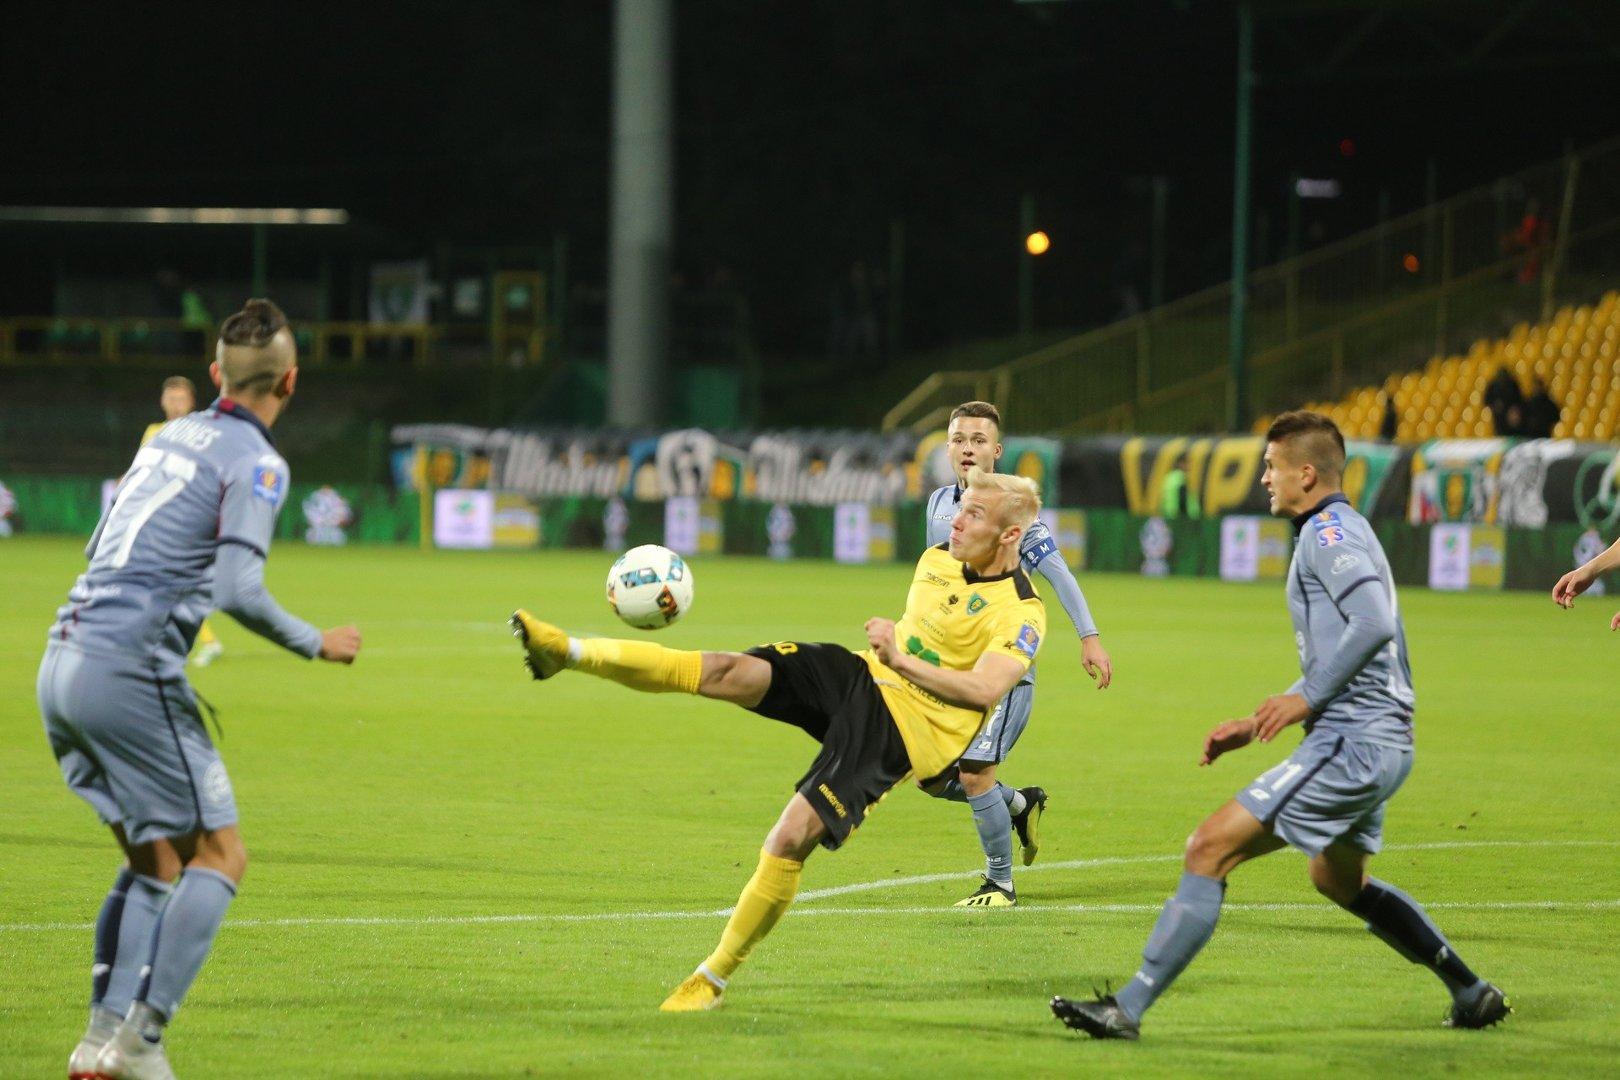 d50f551395802 W meczu I rundy Pucharu Polski GKS Katowice wygrał z Pogonią Szczecin w  rzutach karnych 4